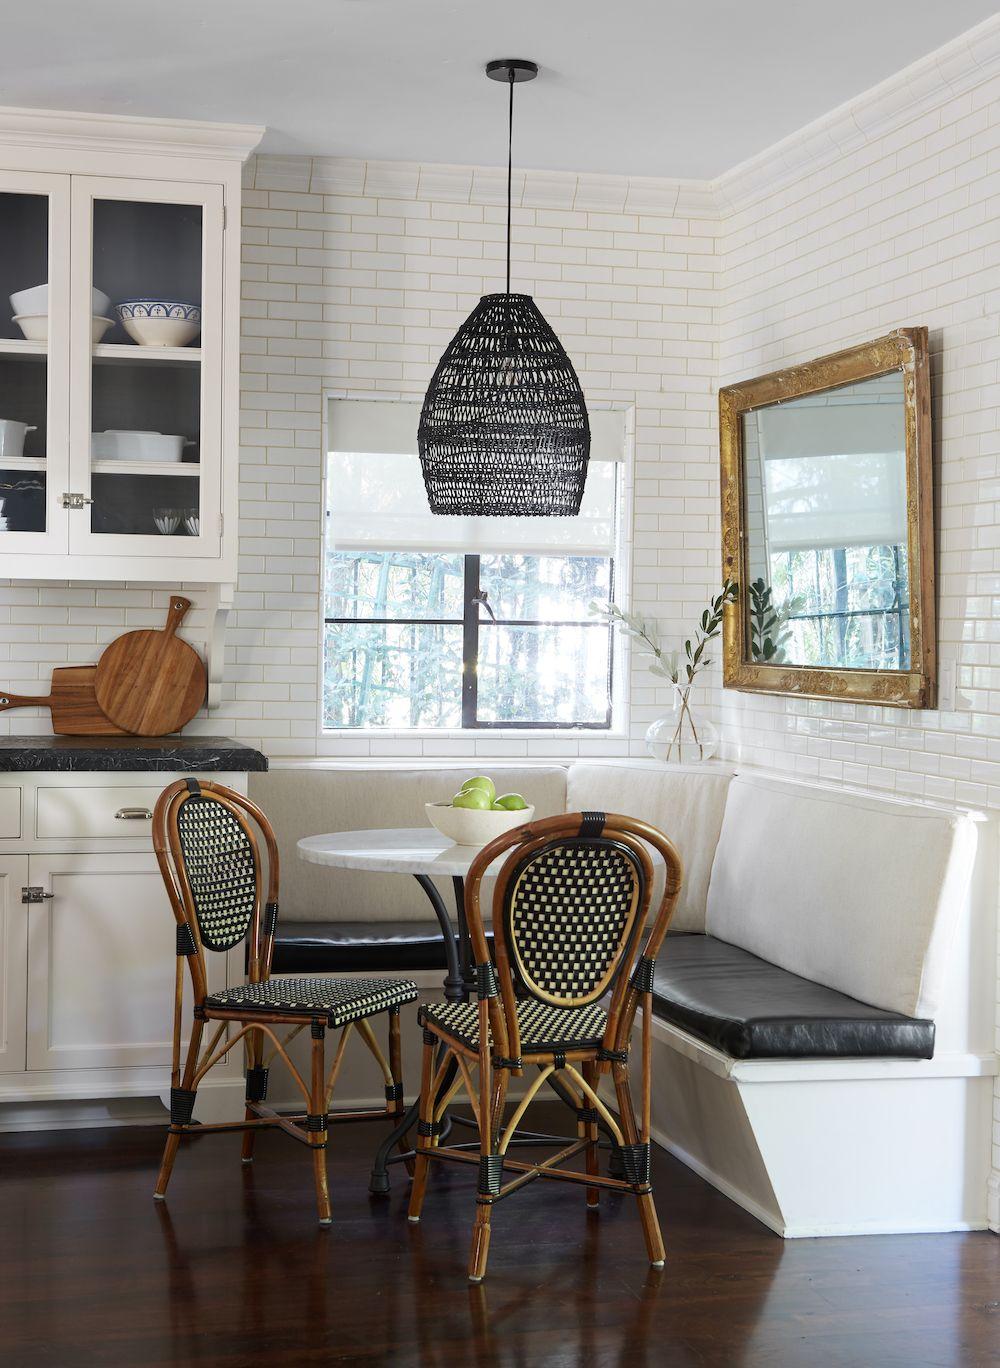 45 Kitchen Cabinet Design Ideas 2019 - Unique Kitchen Cabinet Styles